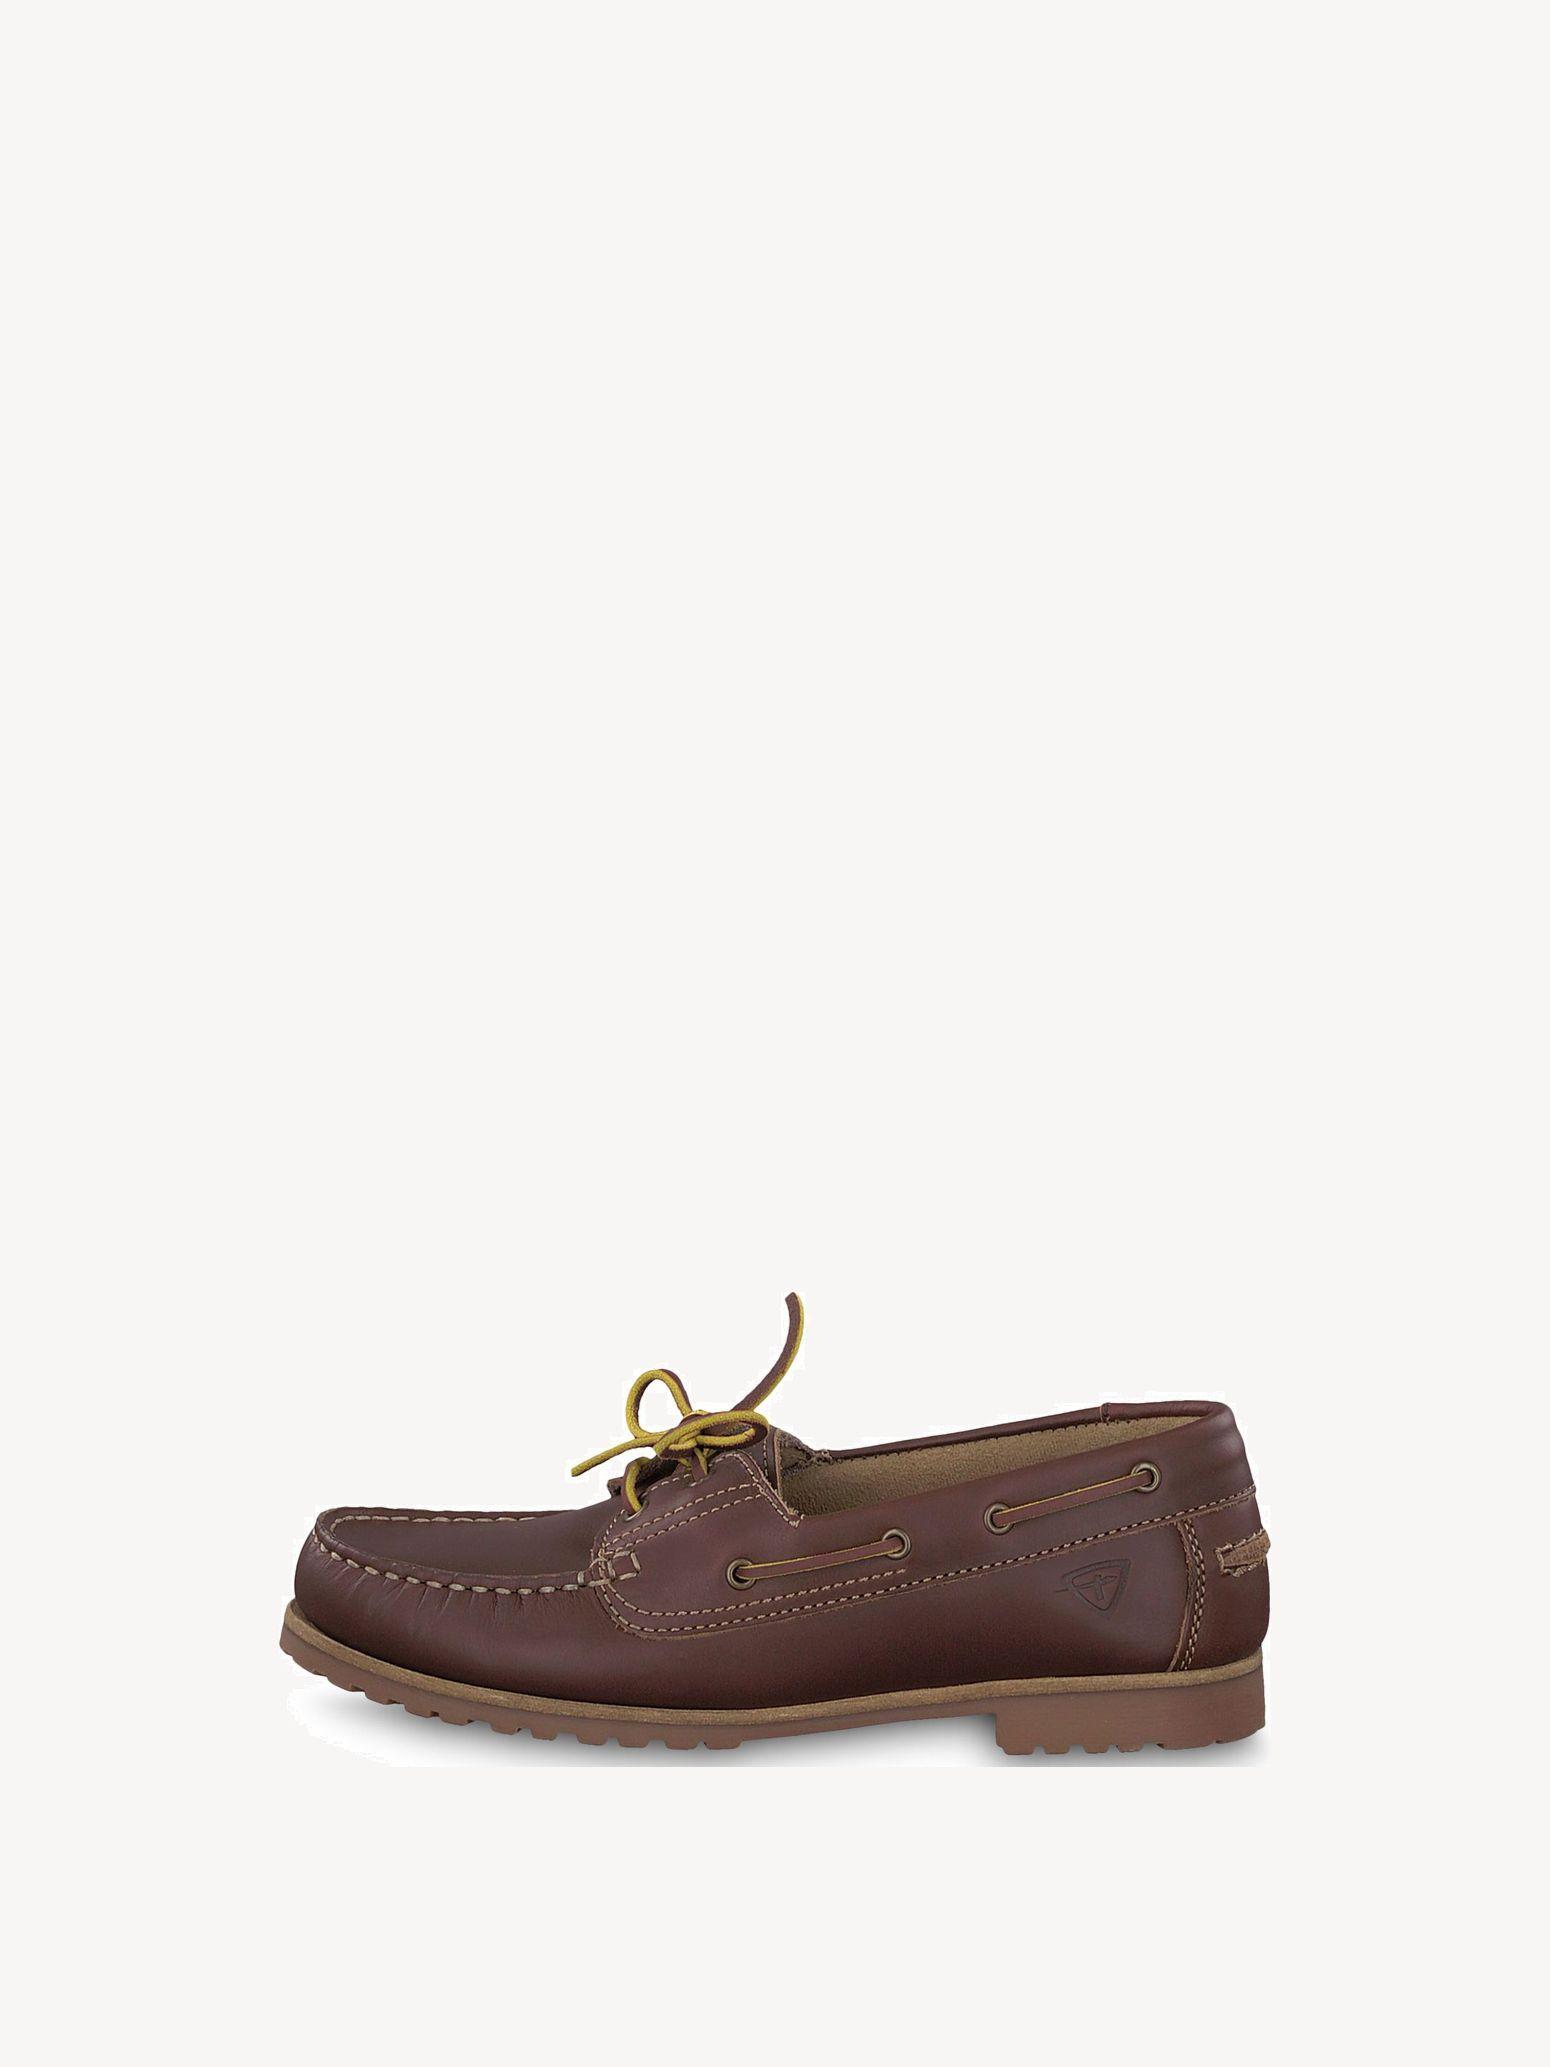 Tamaris 23673 Damen Bootsschuhe